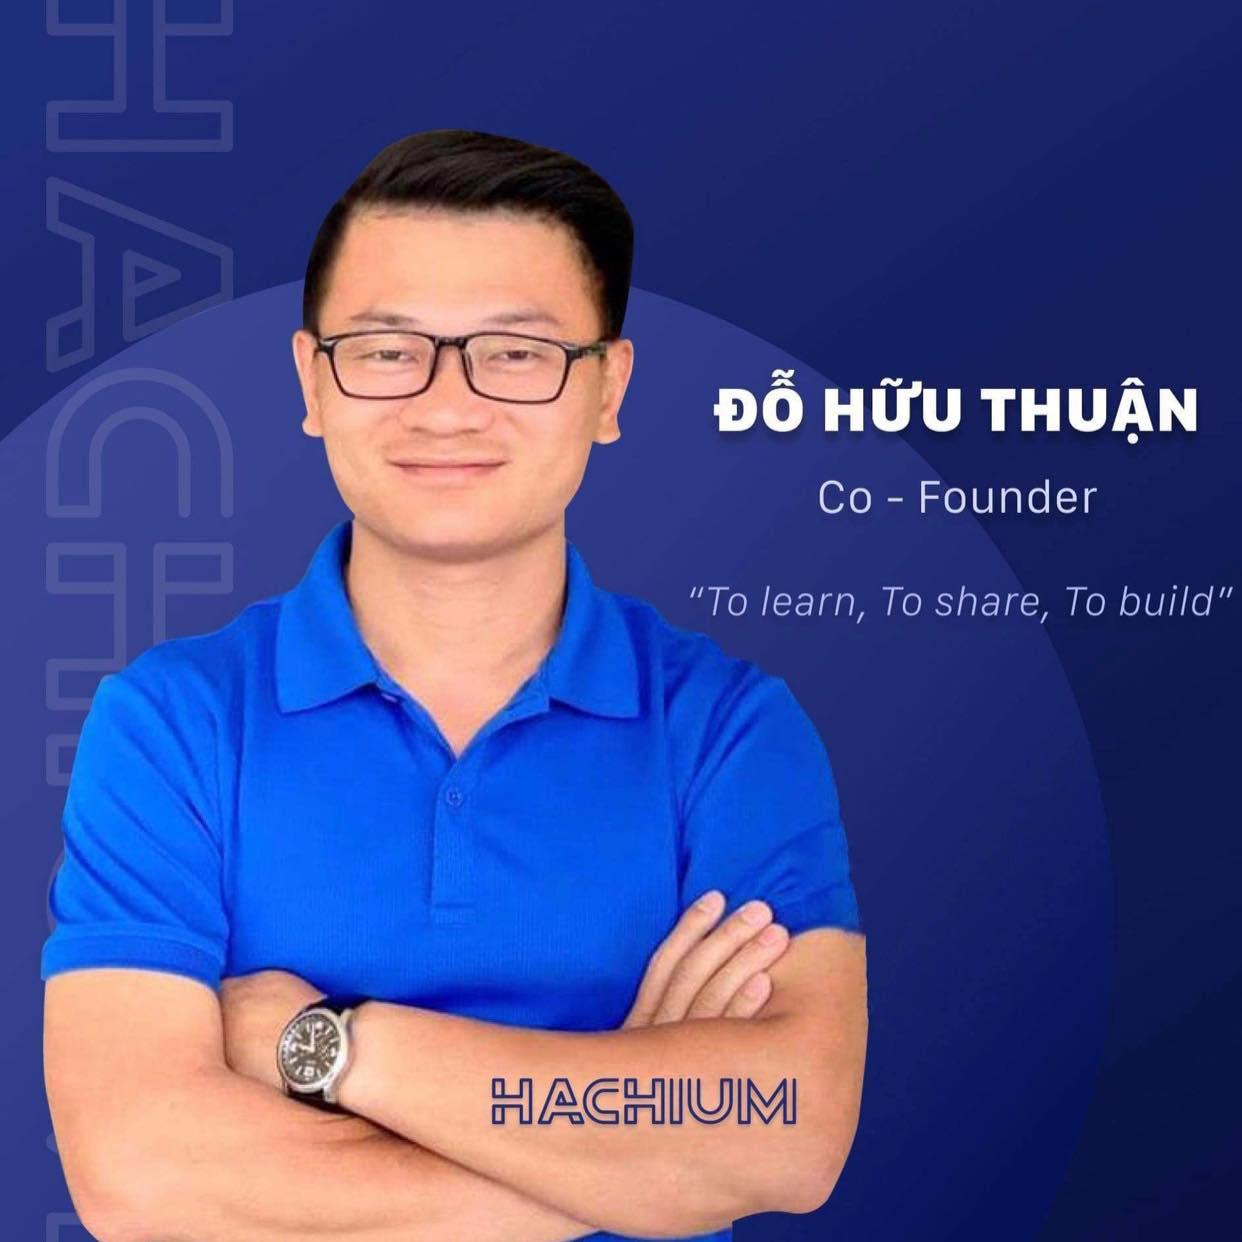 Ông Đỗ Hữu Thuận: Chuyển đổi số trong giáo dục, cần chuyển đổi từ tư duy - Ảnh 1.